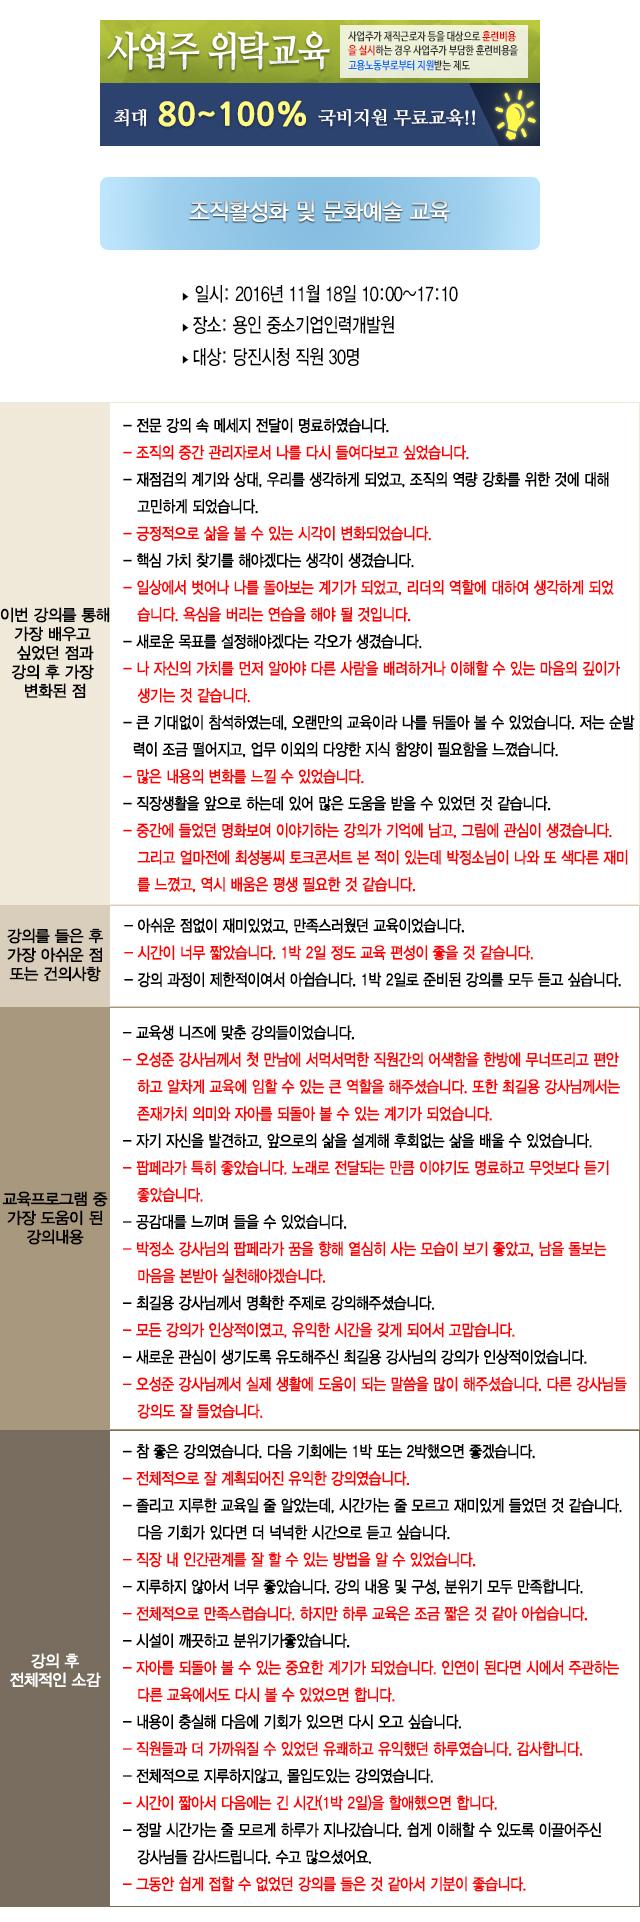 한국중앙인재개발원 후기 당진시청.jpg